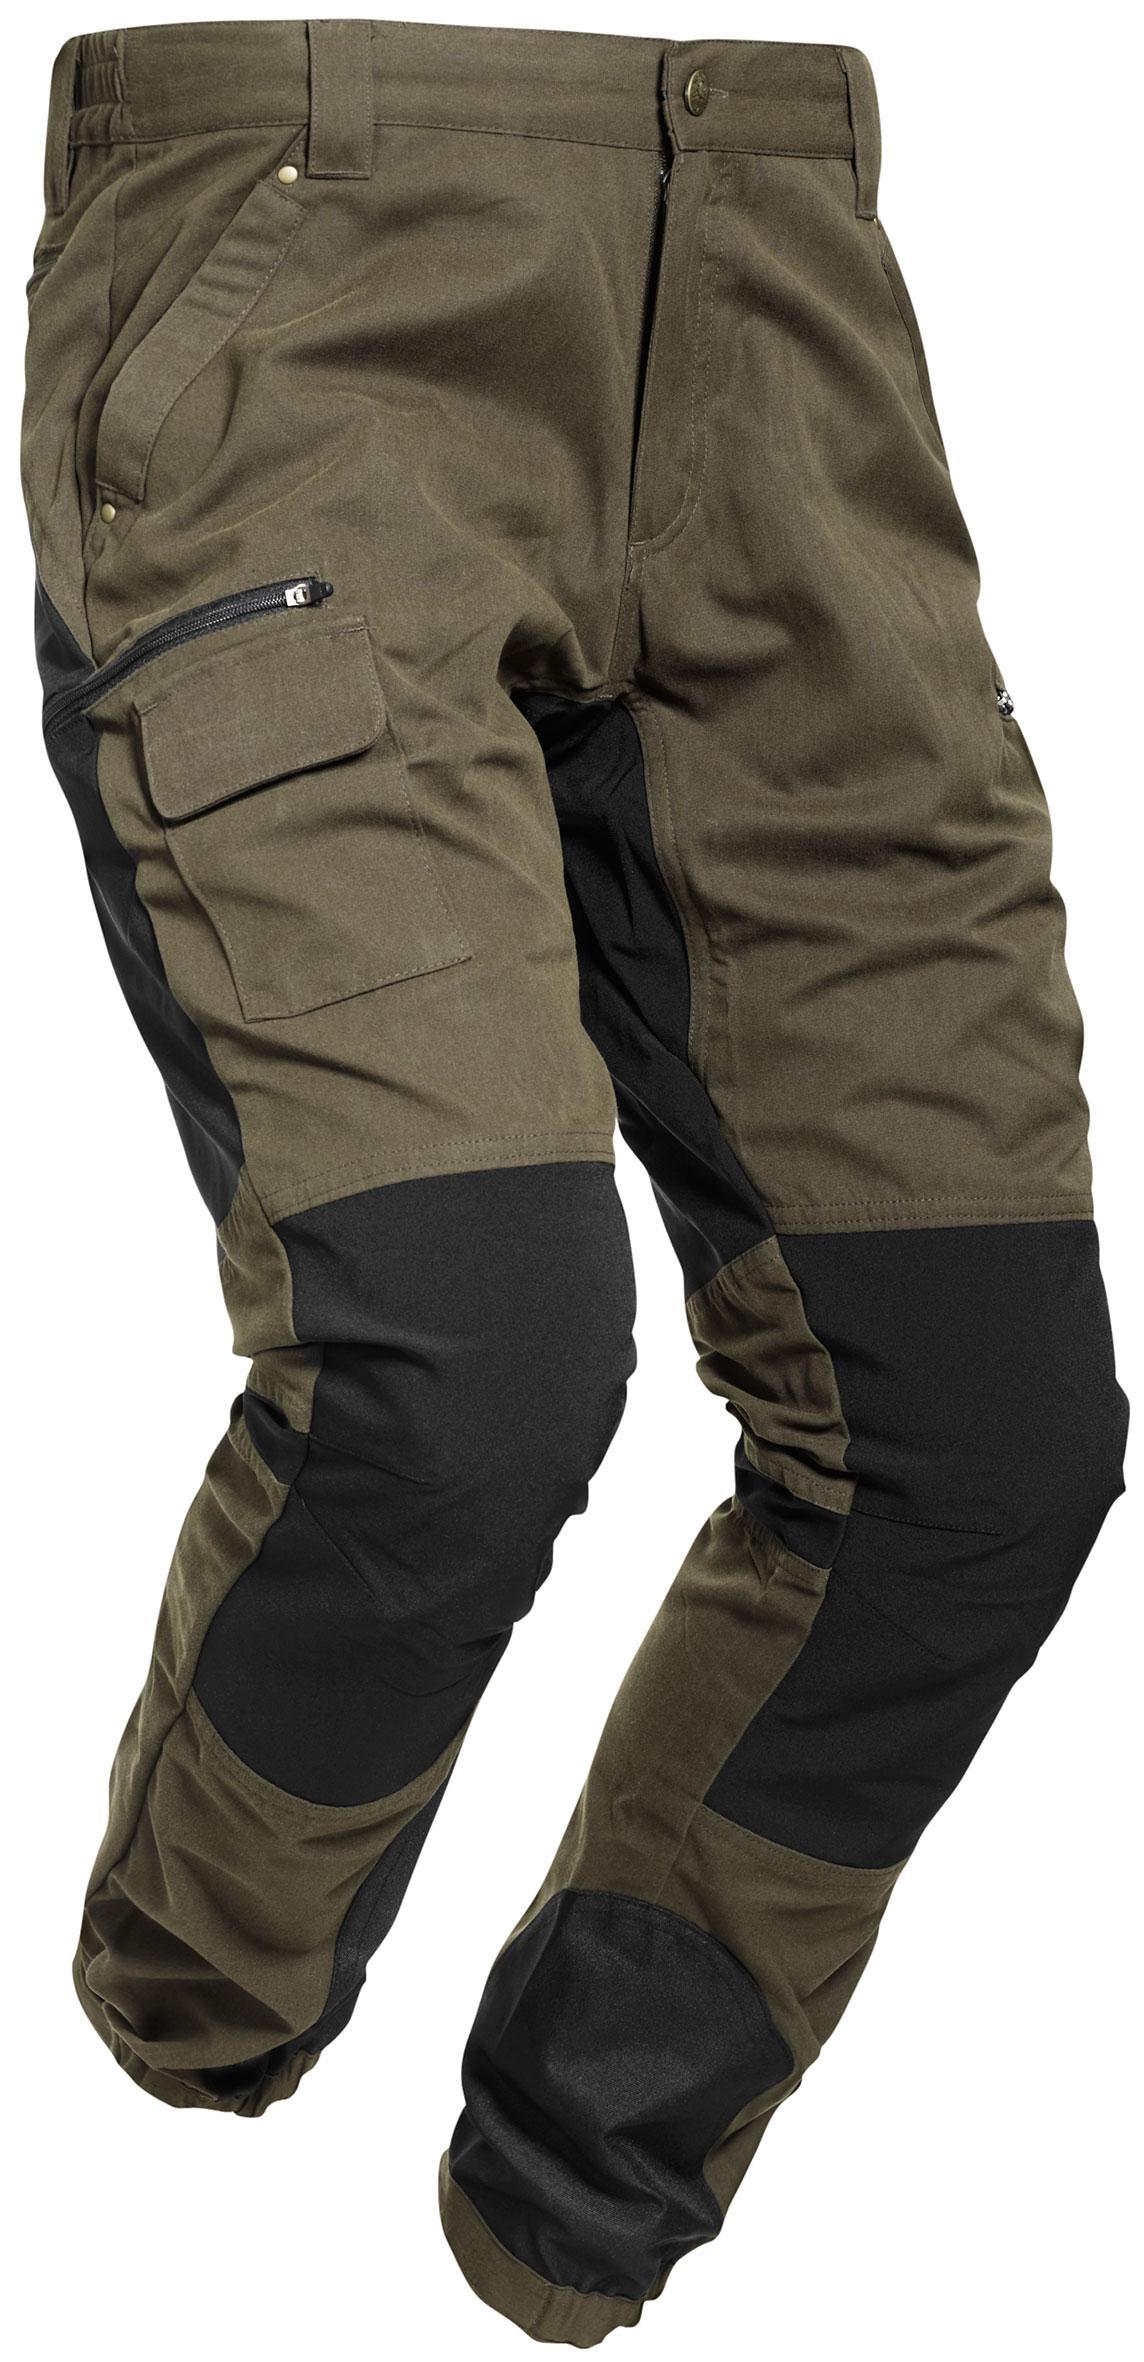 Chevalier Arizona Pro housut koko D116